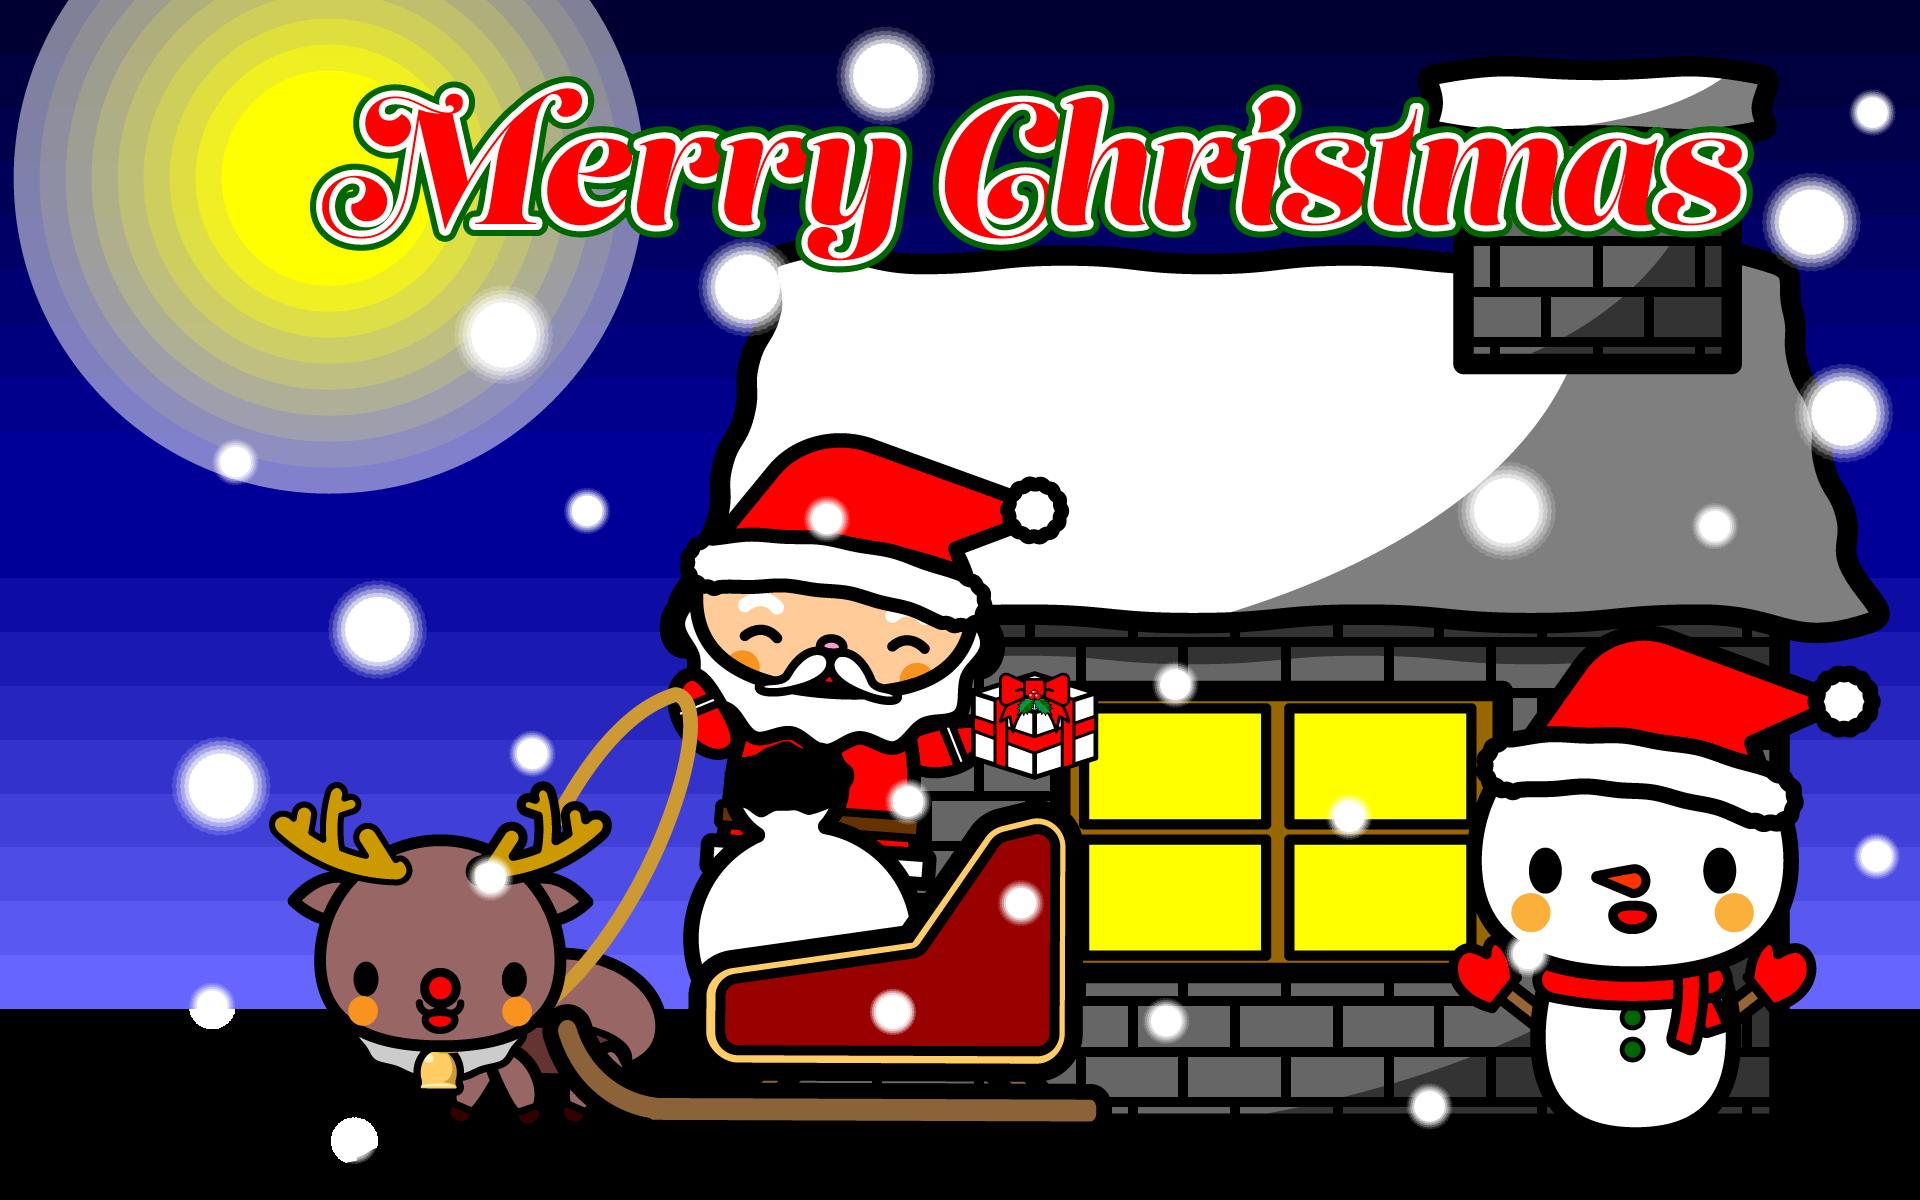 かわいいメリークリスマス02壁紙(PC)の無料イラスト・商用フリー